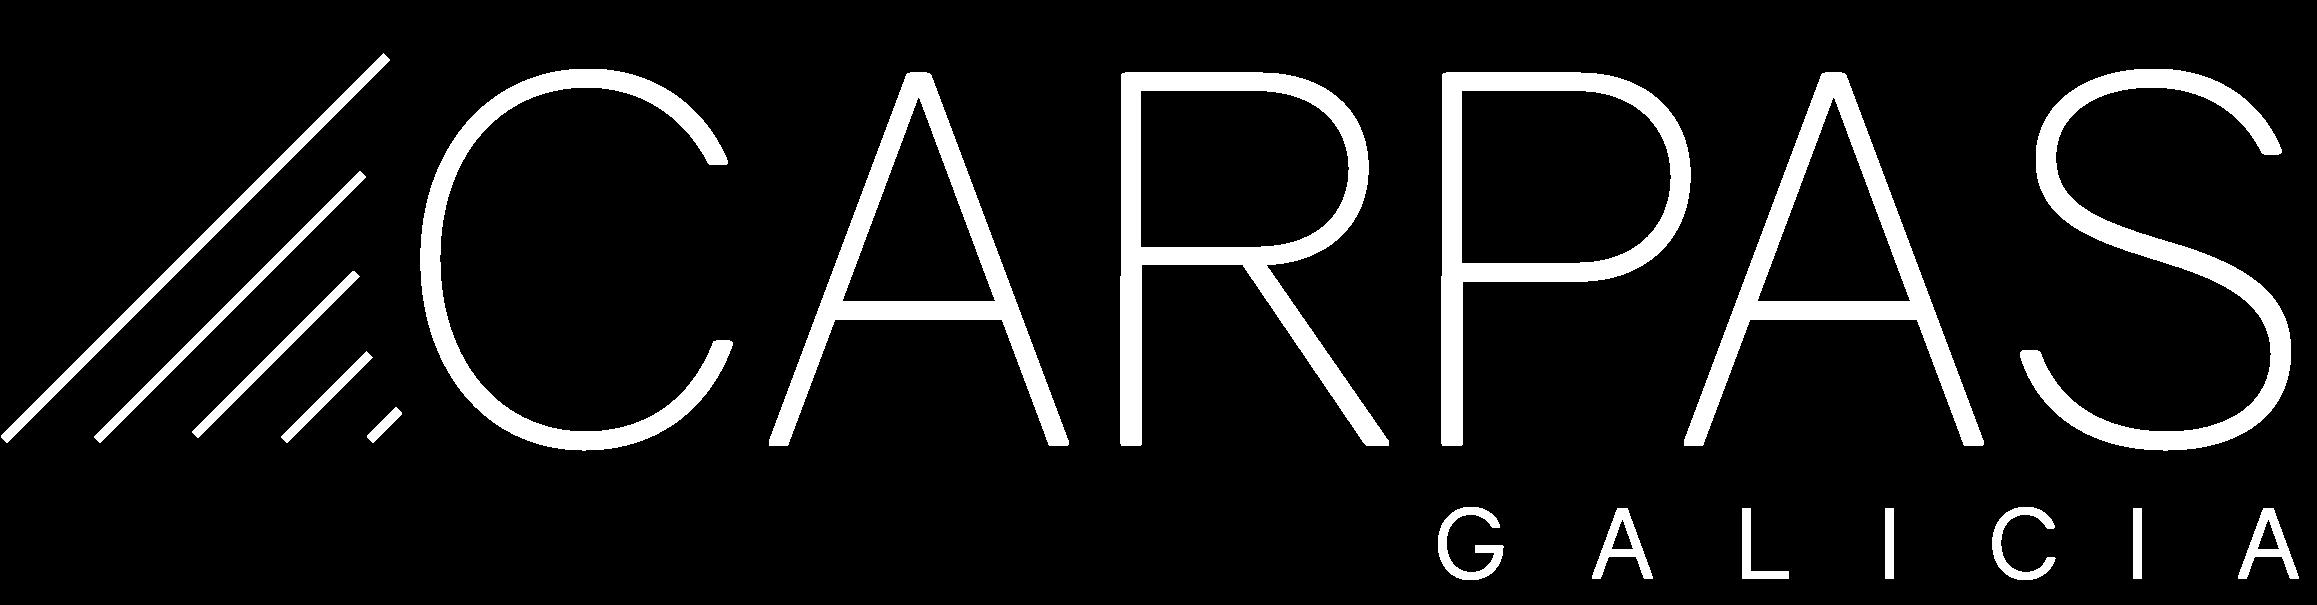 Carpas Galicia